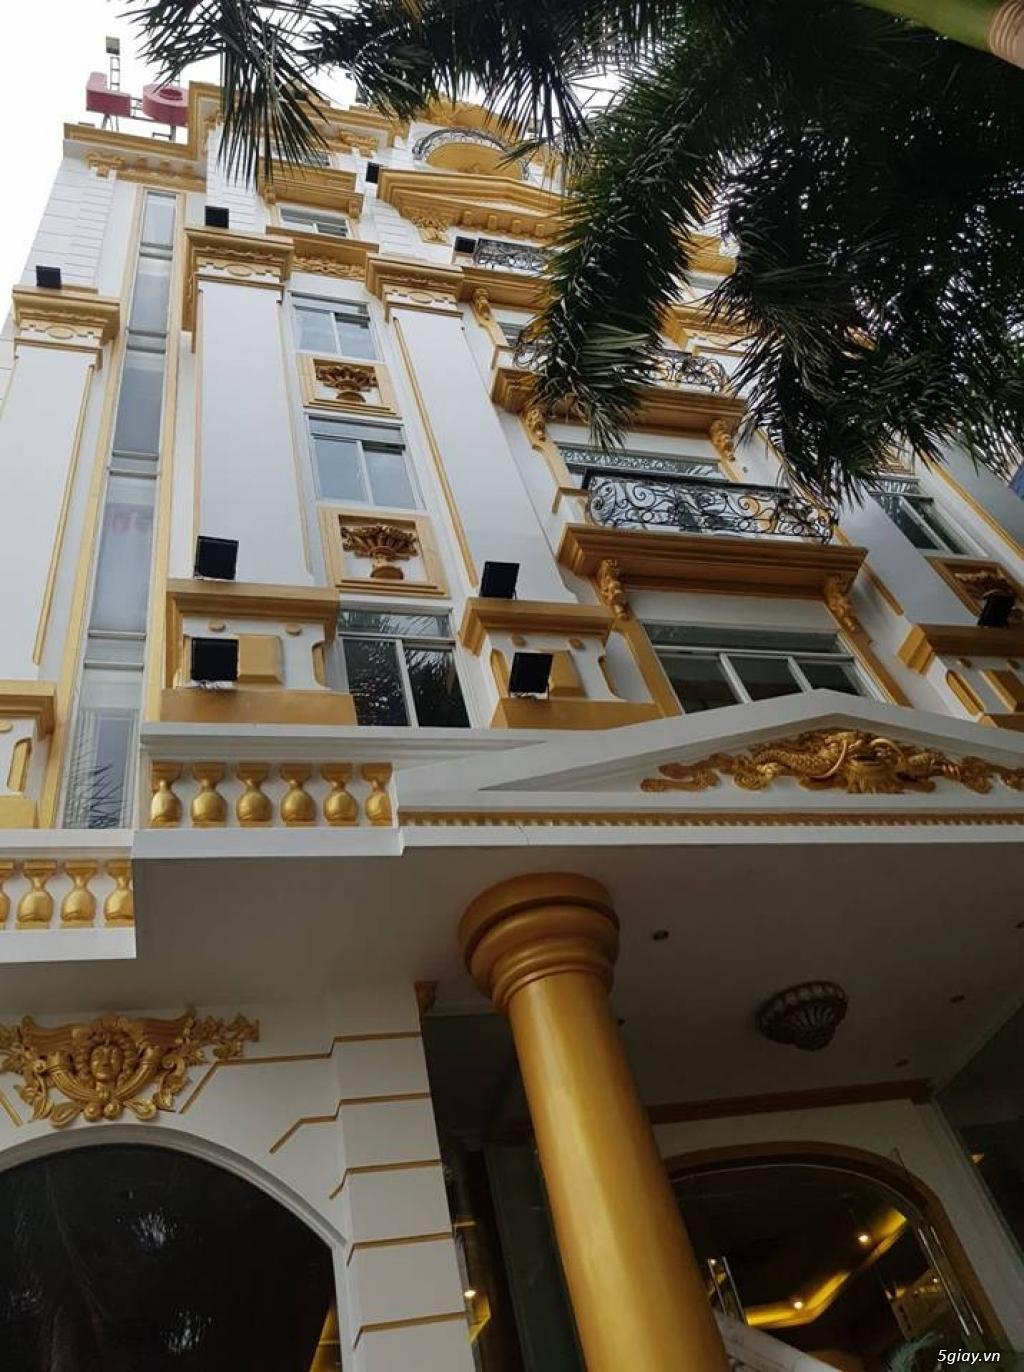 139 tỷ. Tòa nhà 2 MT sầm uất 4.500m2, đất 1.022m2, 9 tầng, Tân Bình - 1